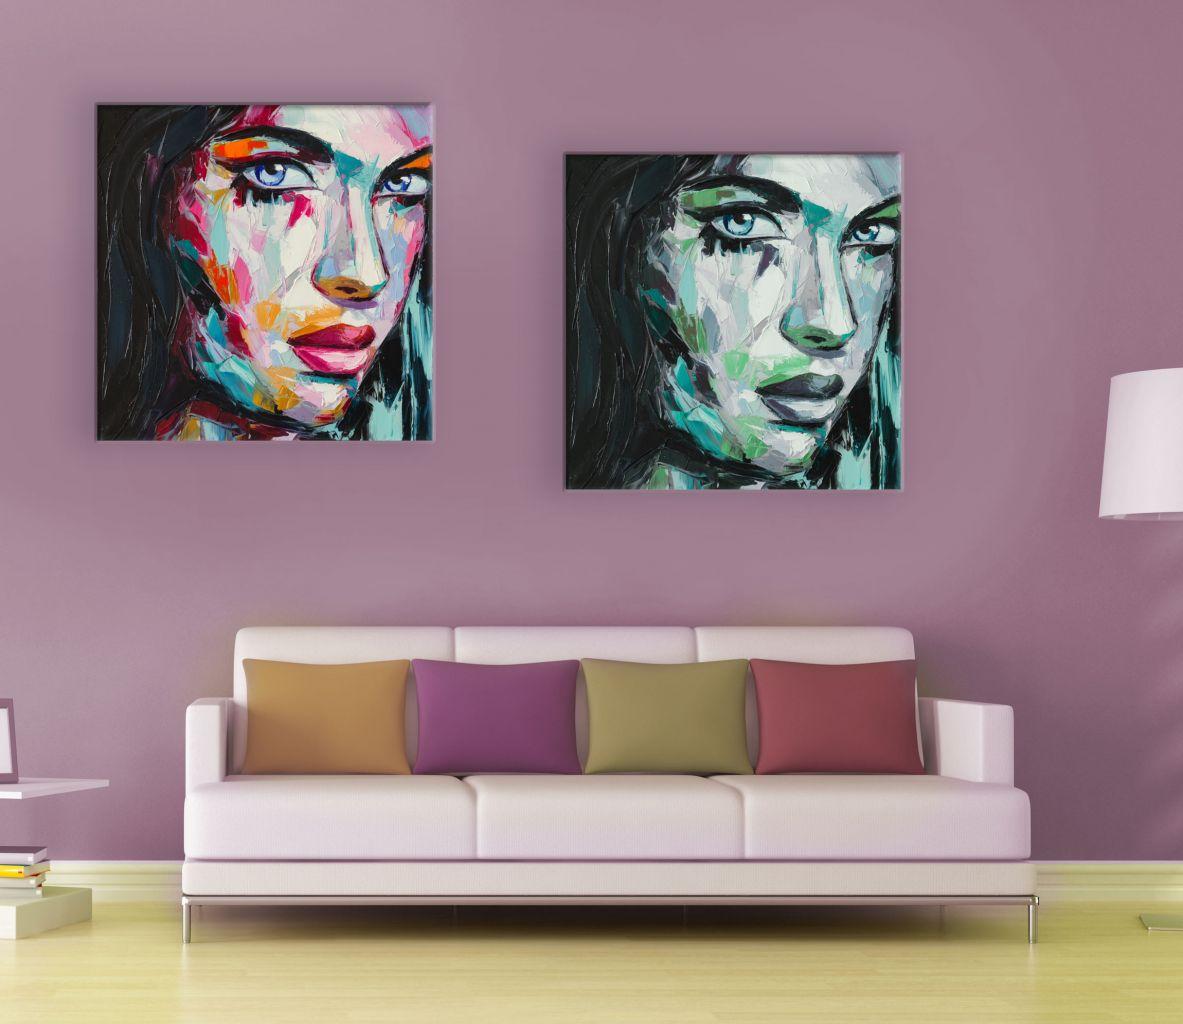 זוג תמונות קנבס ציור שמן דיוקן של אישה